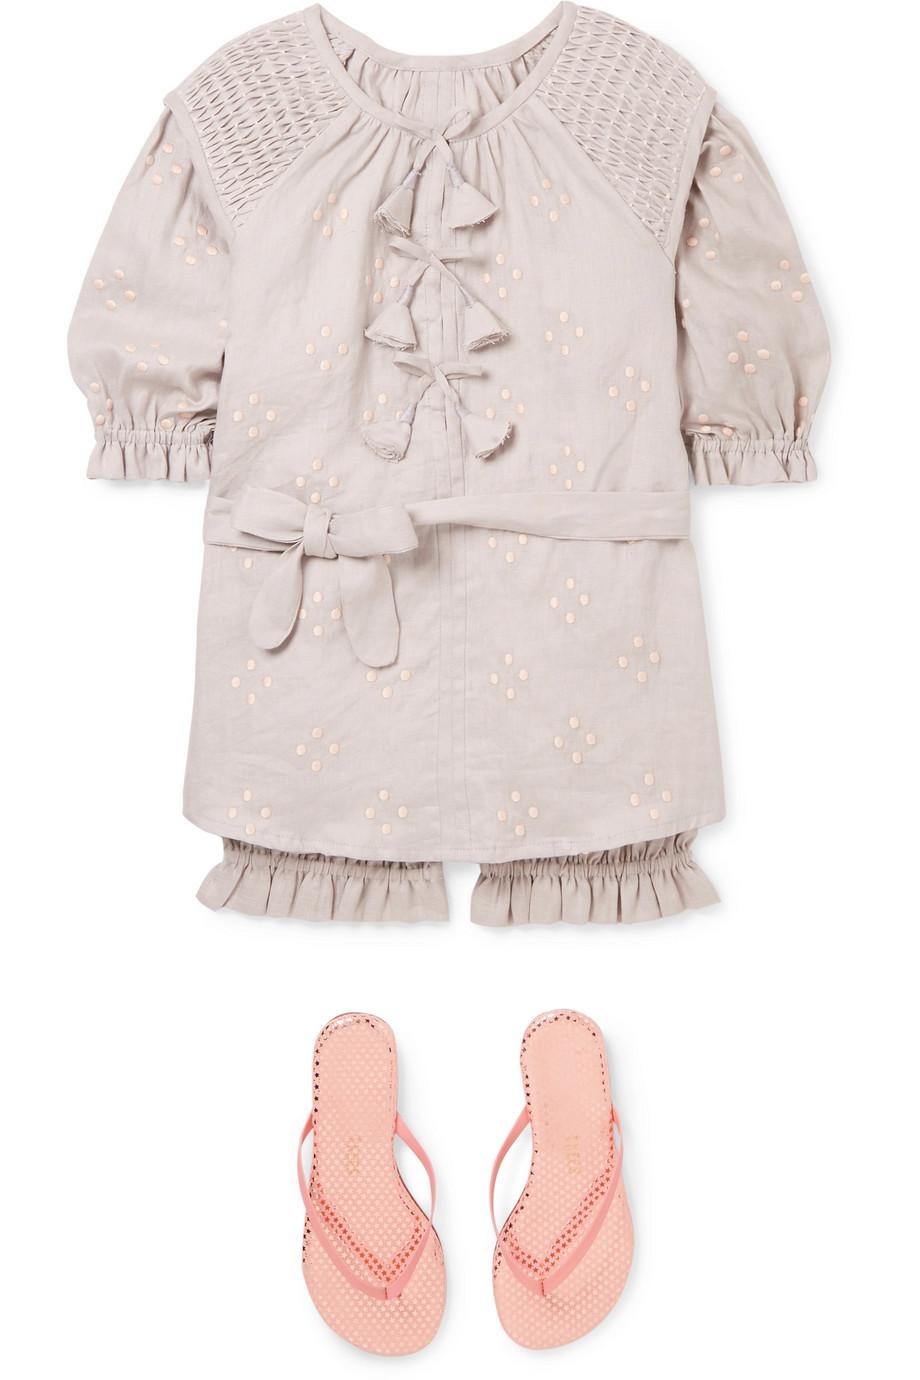 Innika Choo Kids 皱褶装饰刺绣亚麻连衣裙灯笼裤套装